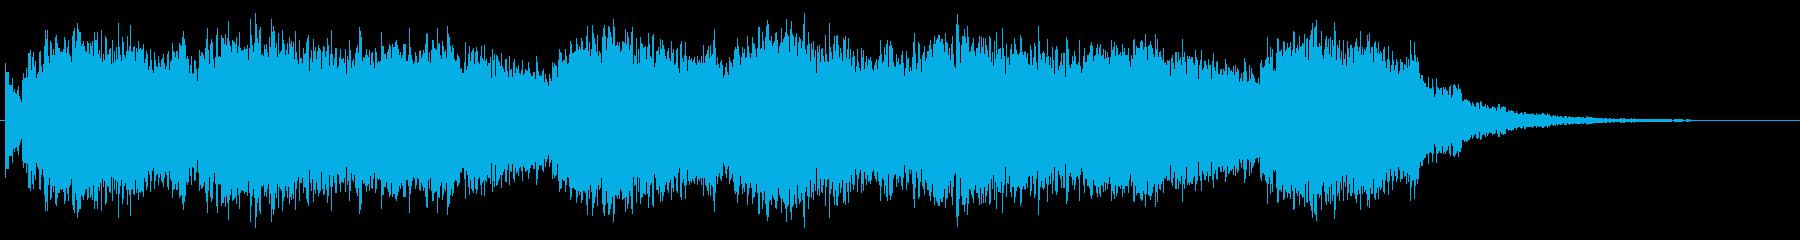 和風な1分間ほどのBGMの再生済みの波形